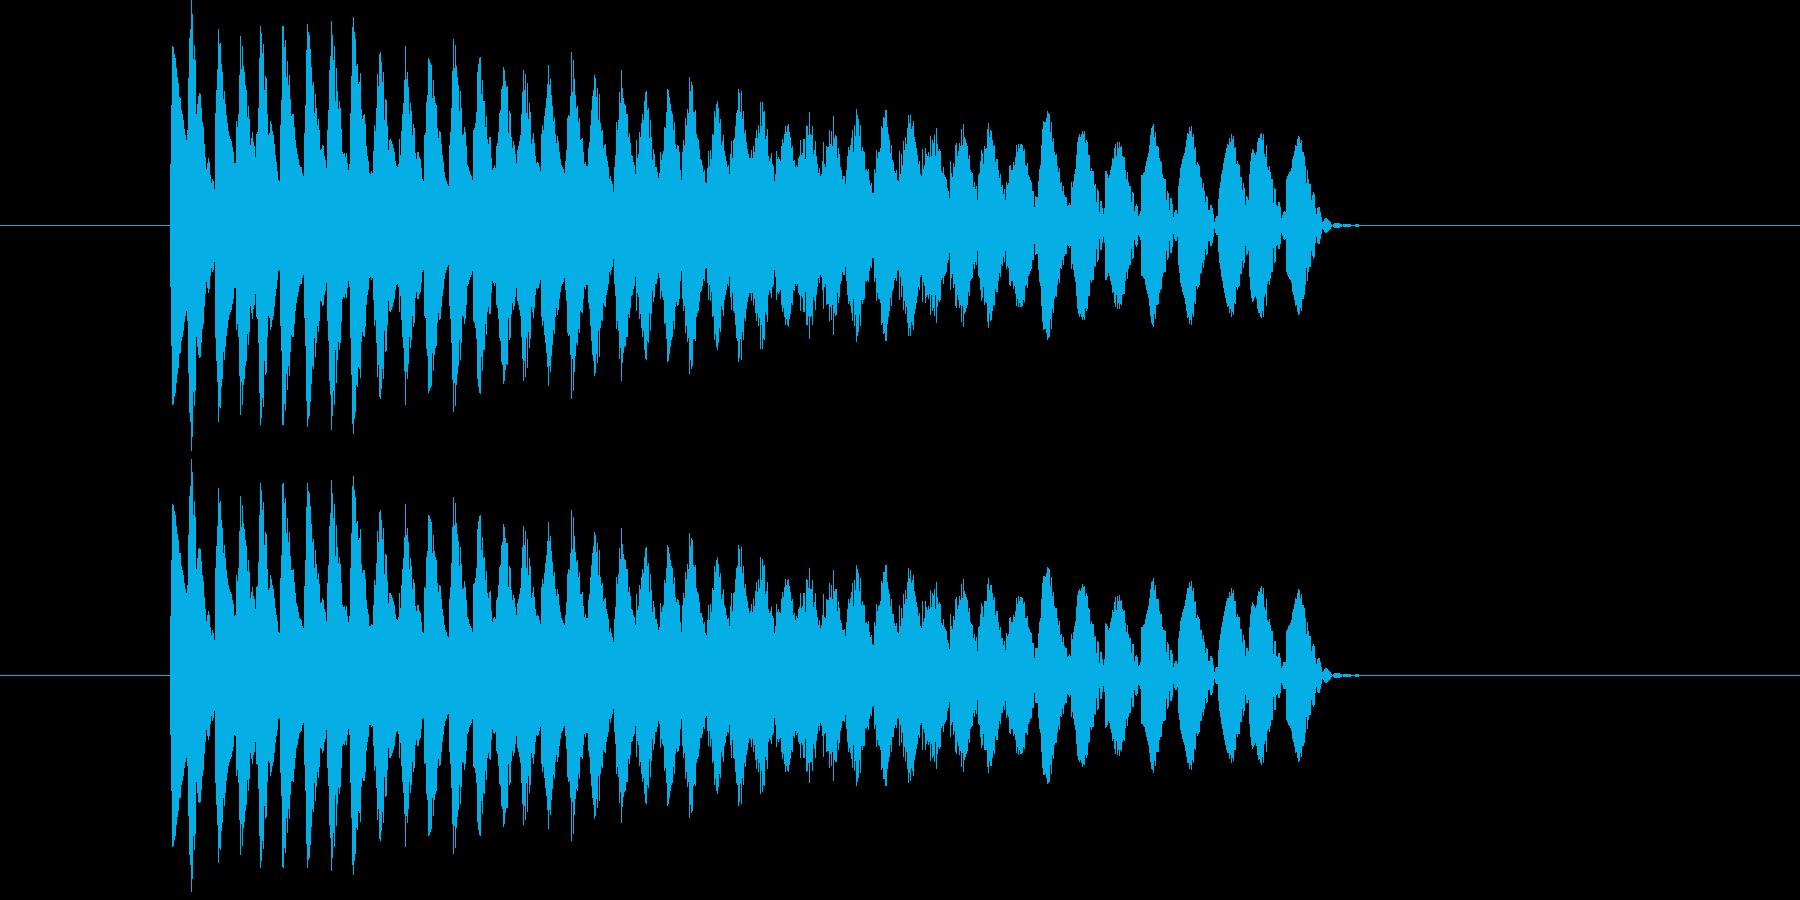 アニメ、映像作品、ゲームなどの下降音の再生済みの波形